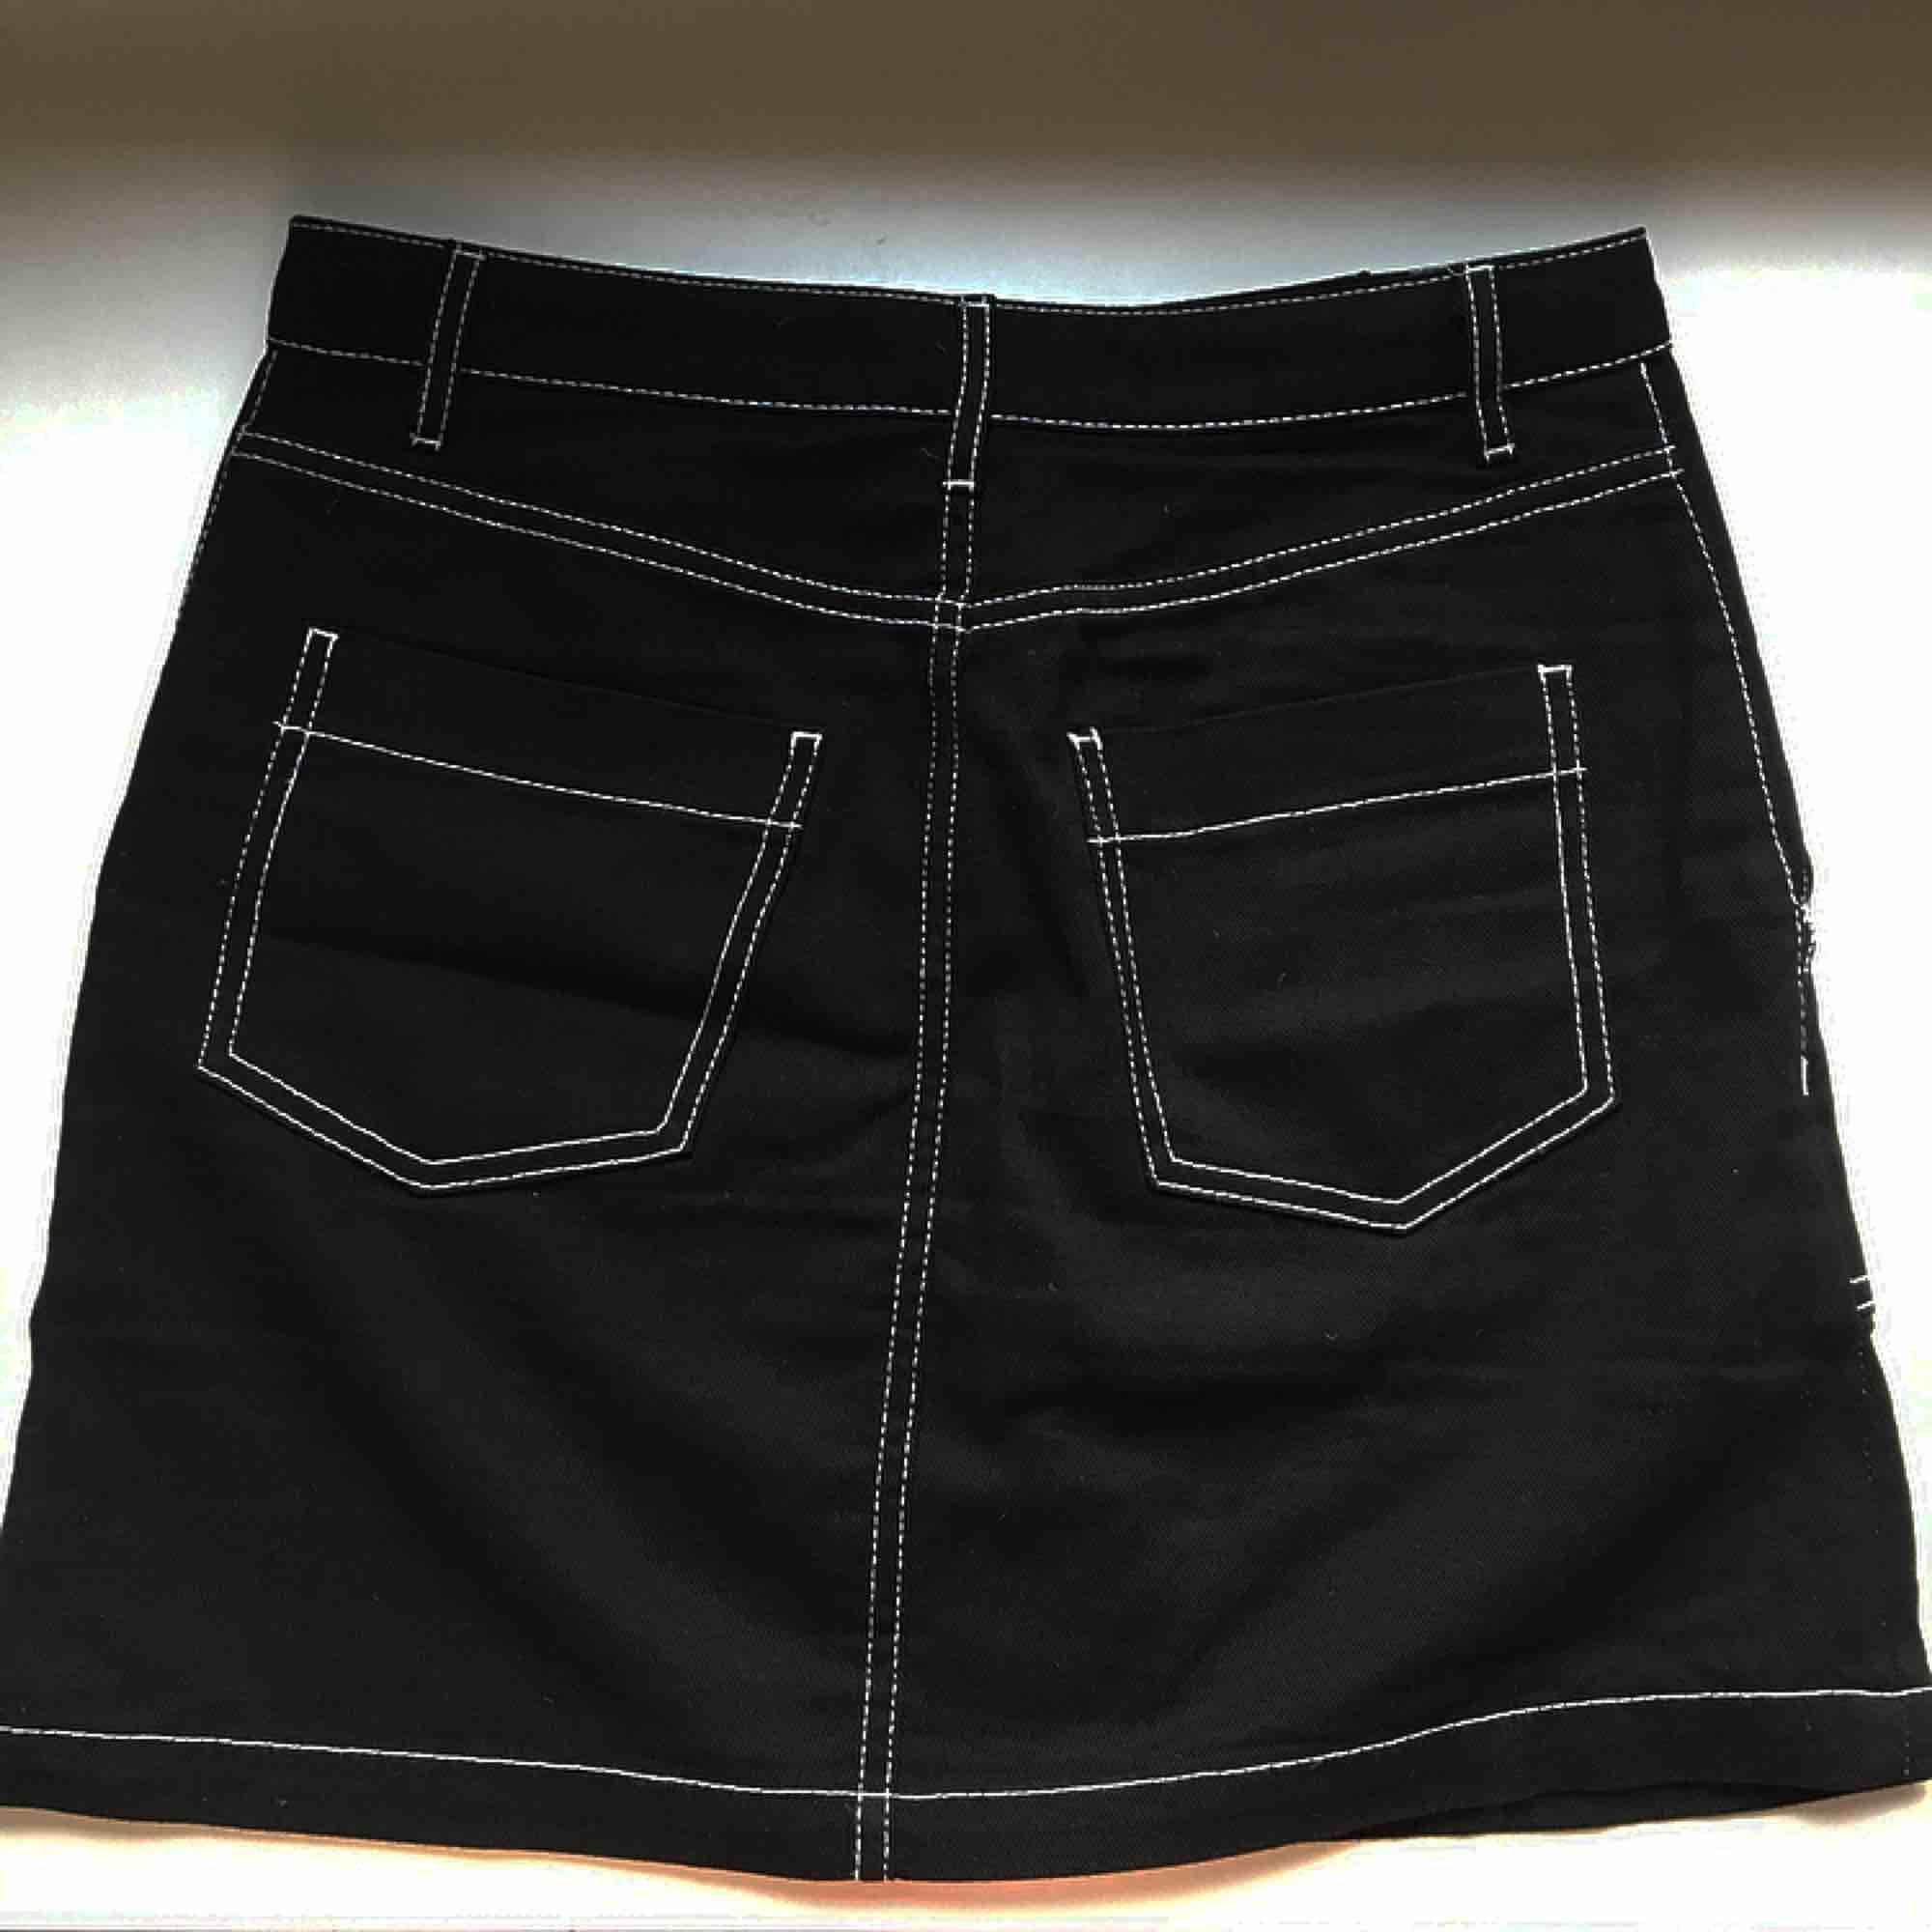 Snygg kjol från hm divided- svart med vita sömmar! 🖤🖤 kan mötas upp i stockholm annars tillkommer frakt på cirka 40 kr . Kjolar.